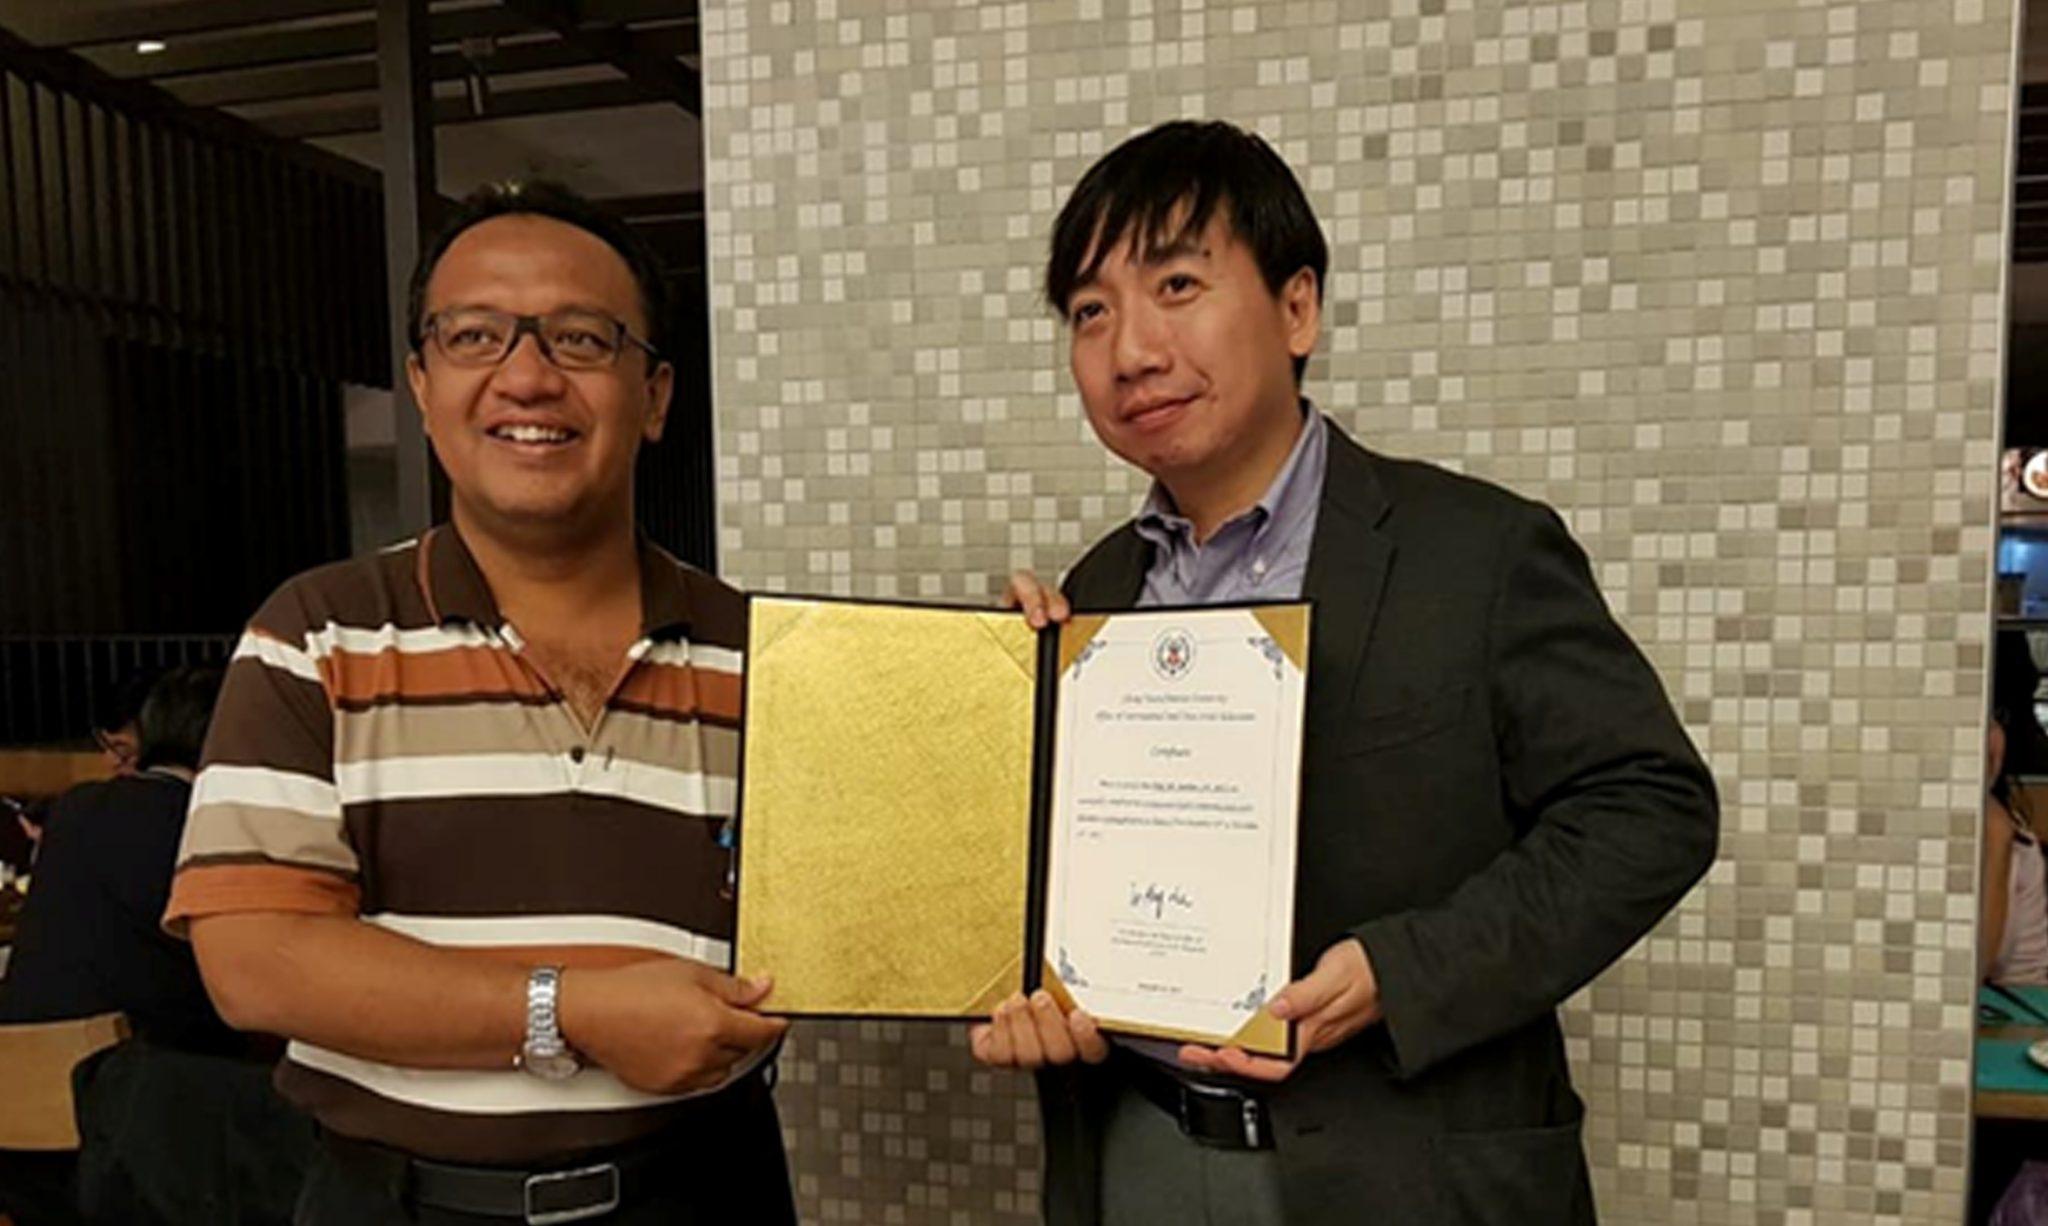 Kembangkan Ilmu Pengetahuan, Dosen FMIPA UNNES Lakukan Kunjungi Universitas Terbaik di Taiwan